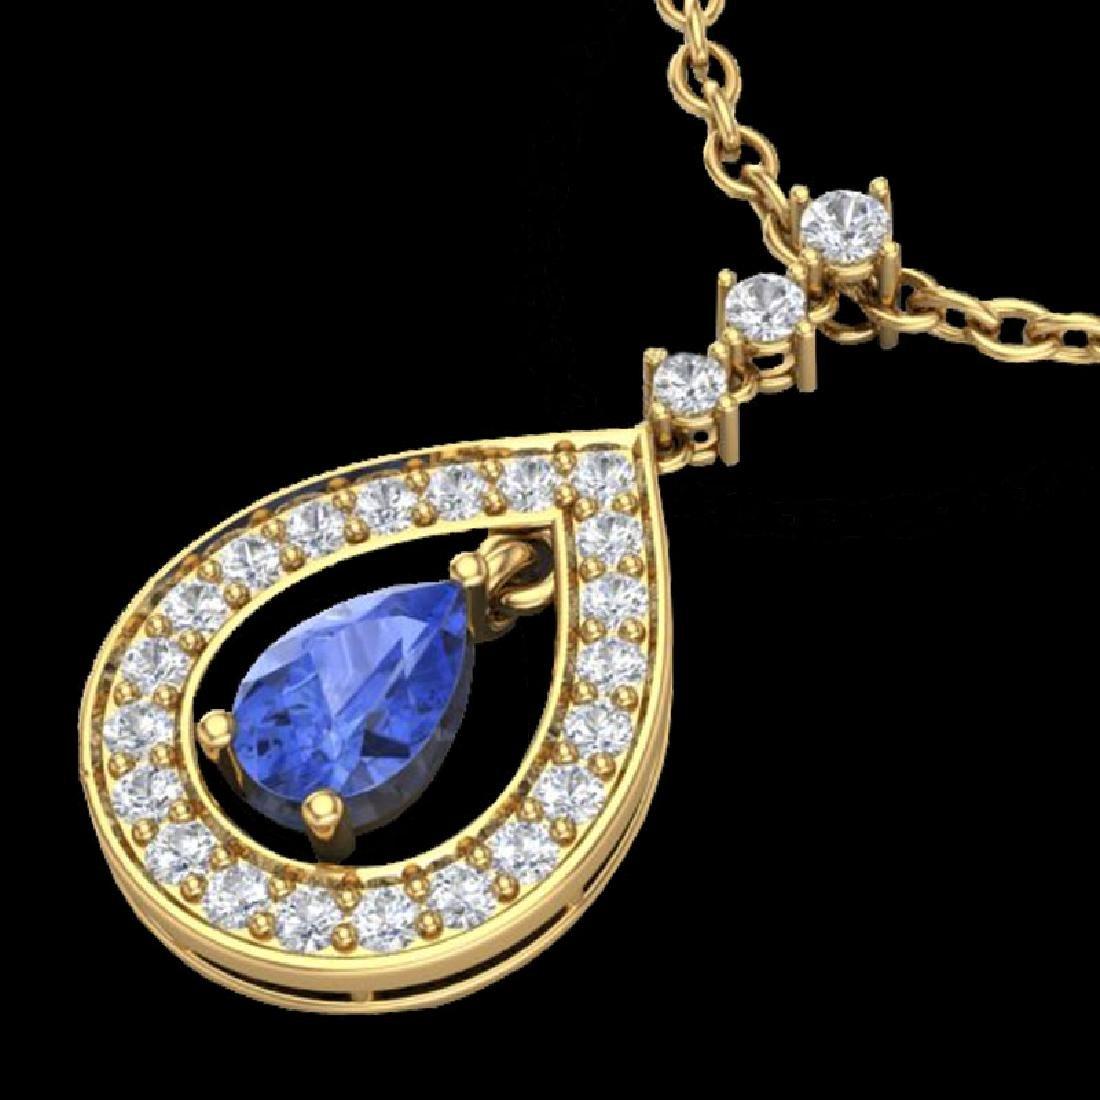 1.15 CTW Tanzanite & Micro Pave VS/SI Diamond Necklace